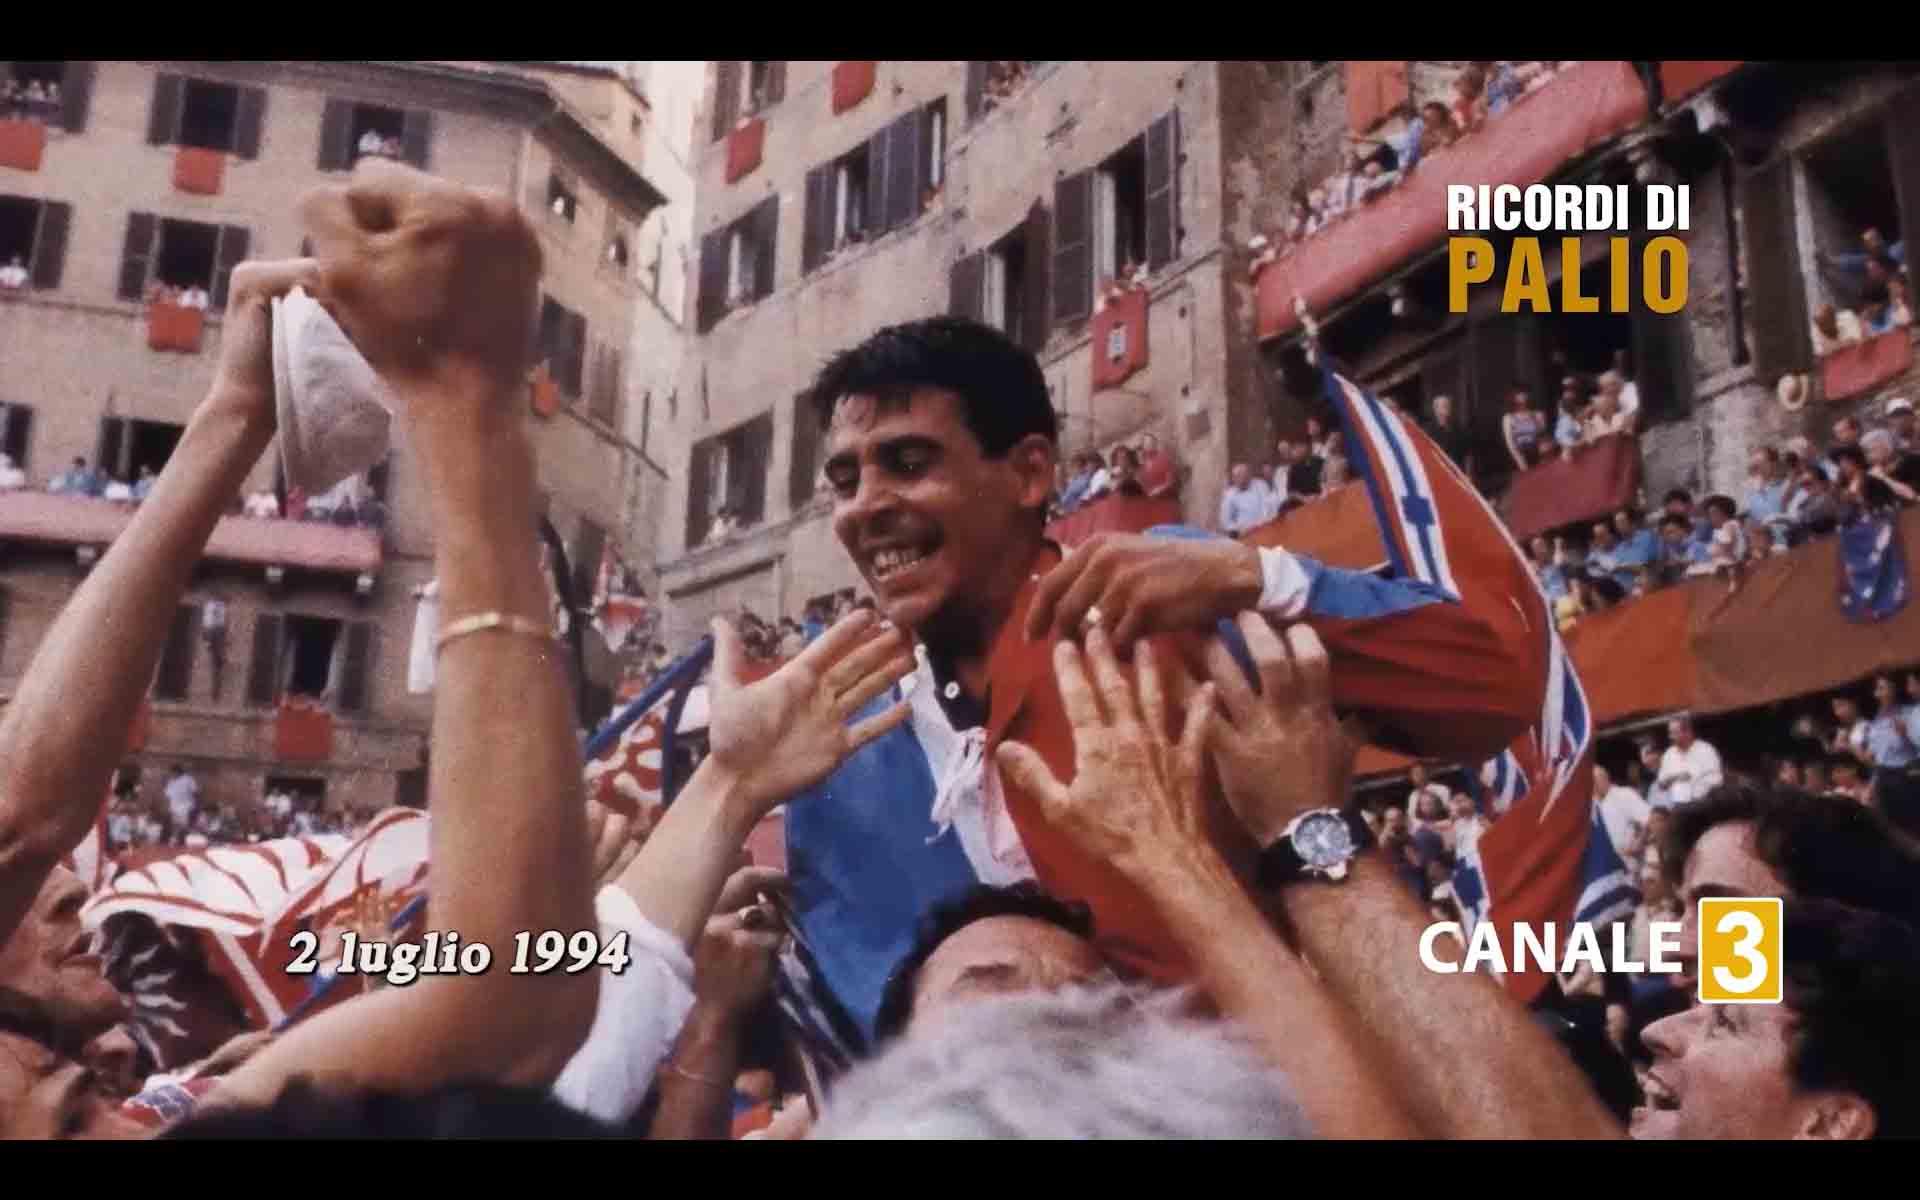 Massimo Coghe detto Massimino vittorioso portato in trionfo dopo il Palio del 2 luglio 1994